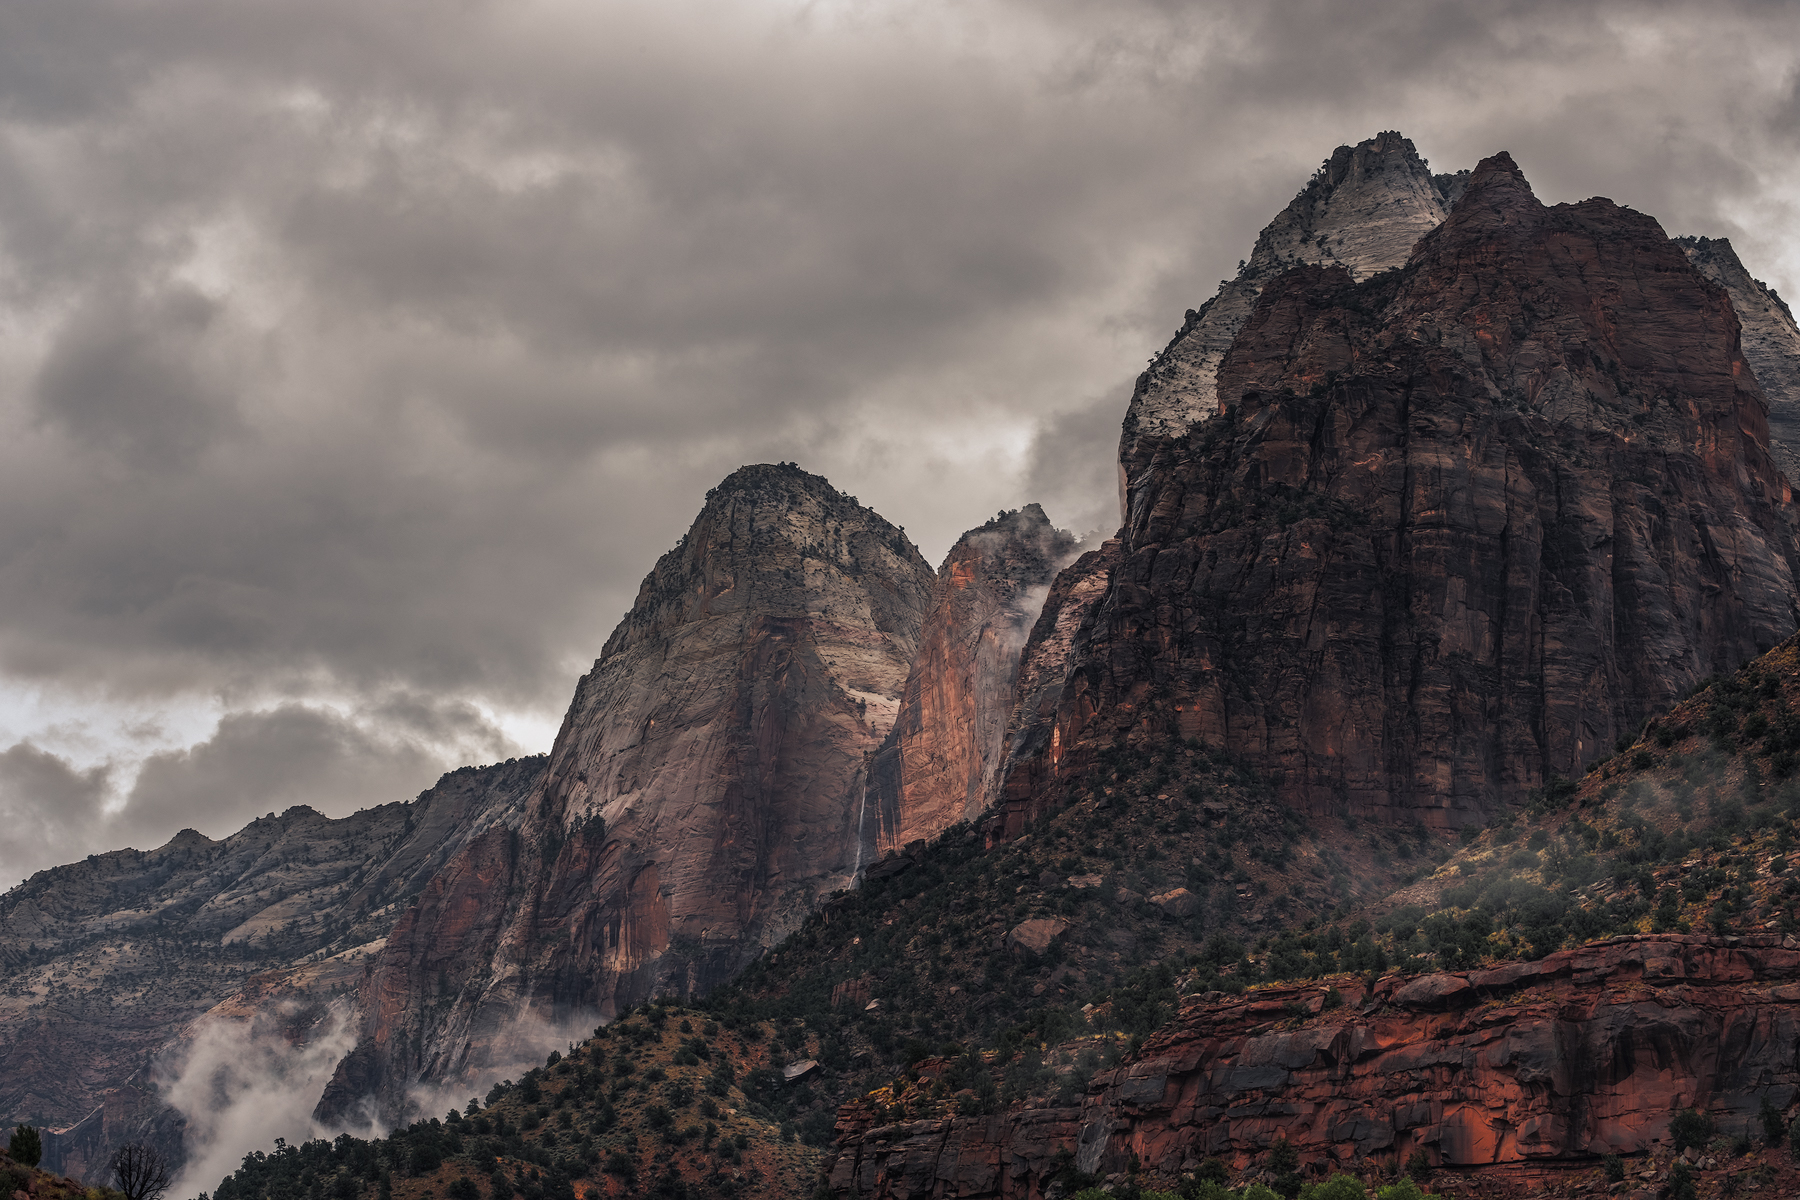 Storm over Zion, Zion National Park, UT.